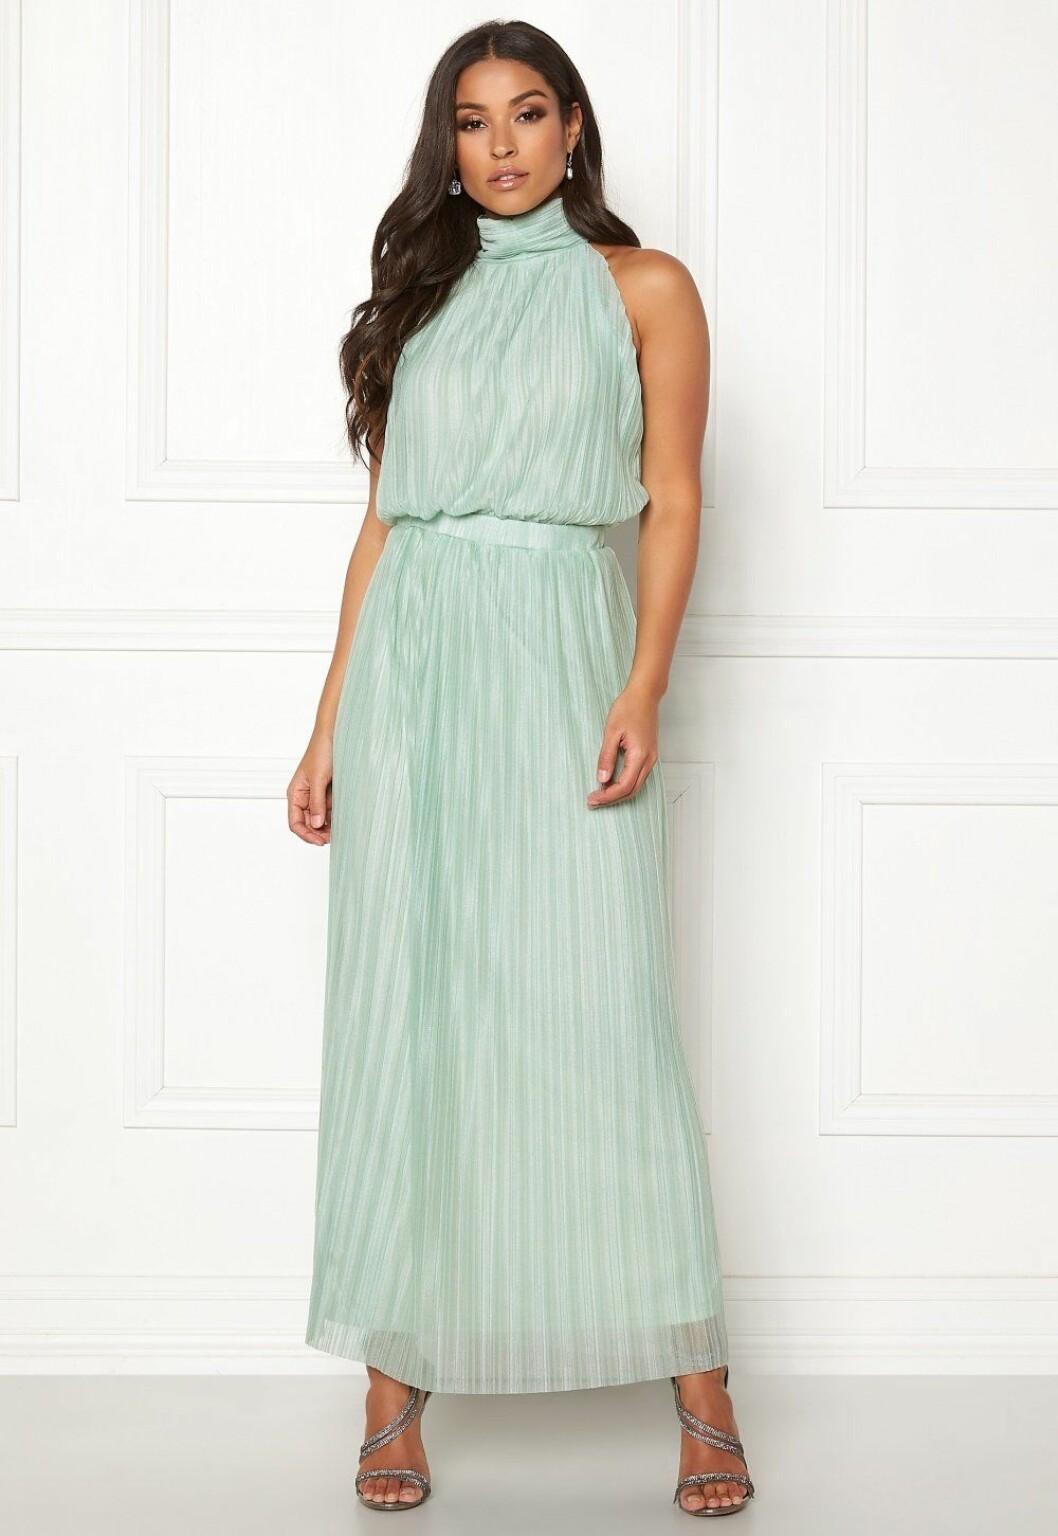 Grön klänning till bröllop som är billig